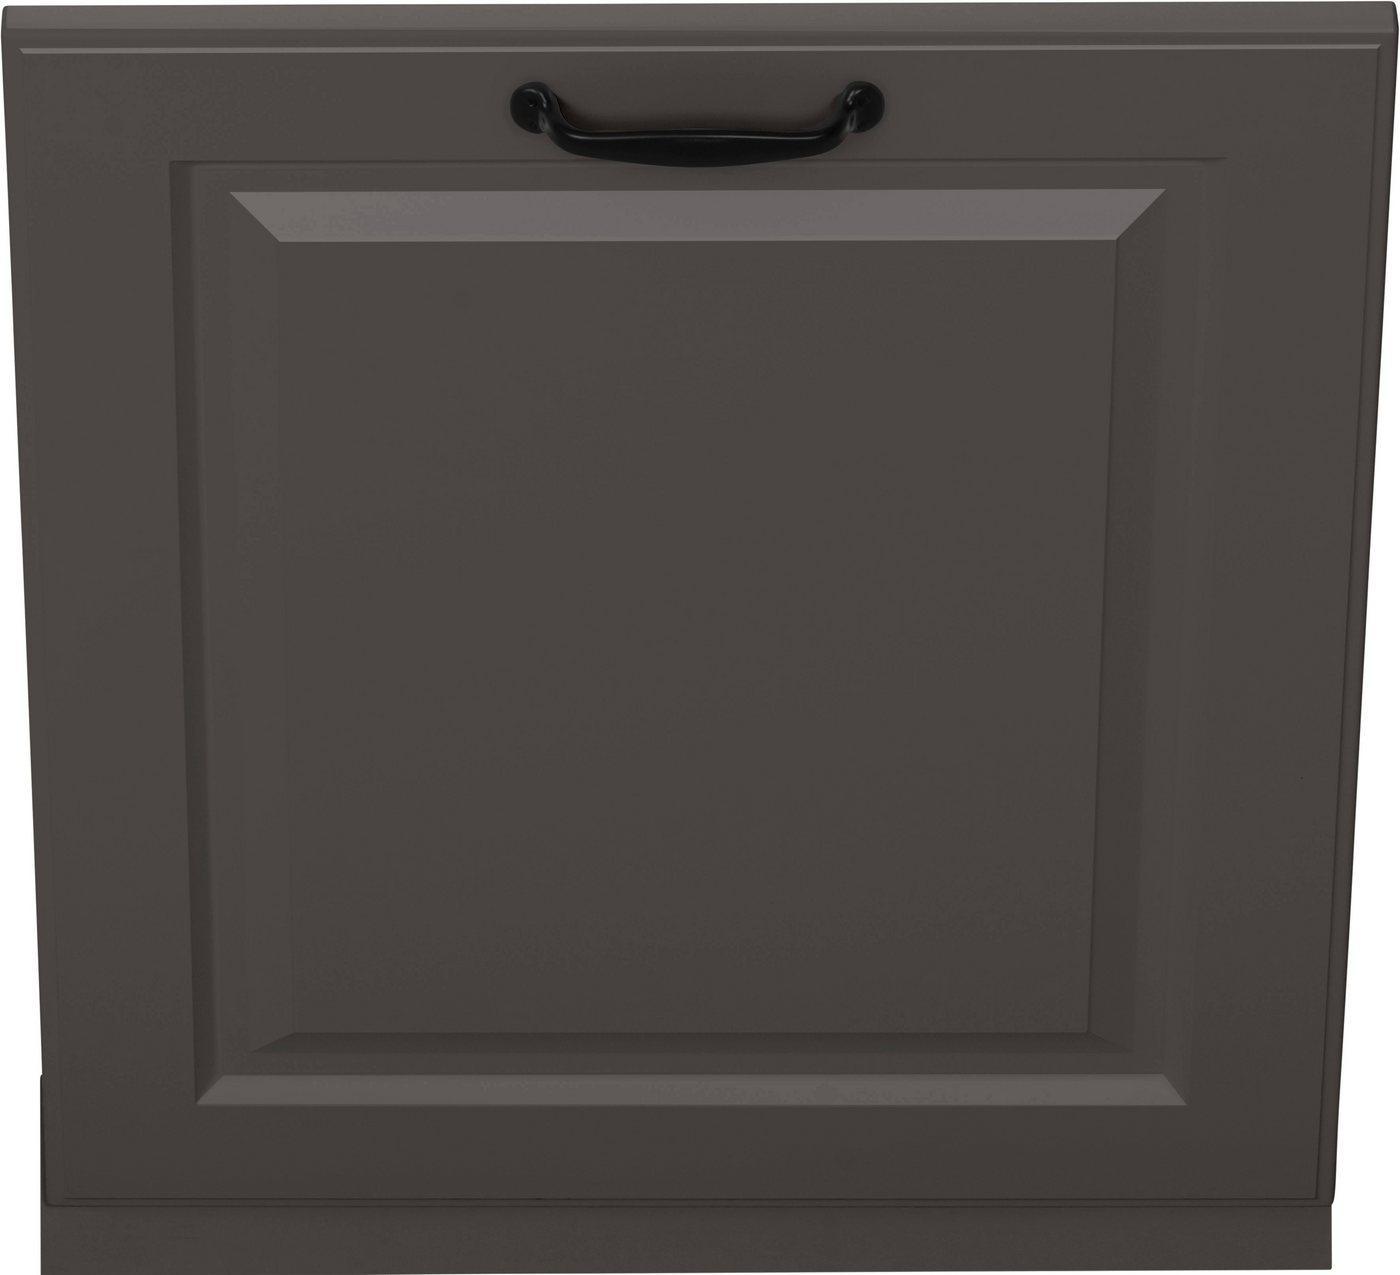 wiho Küchen Möbelblende »Erla«, 60 cm breit, für vollintegrierbaren Geschirrspüler, grau